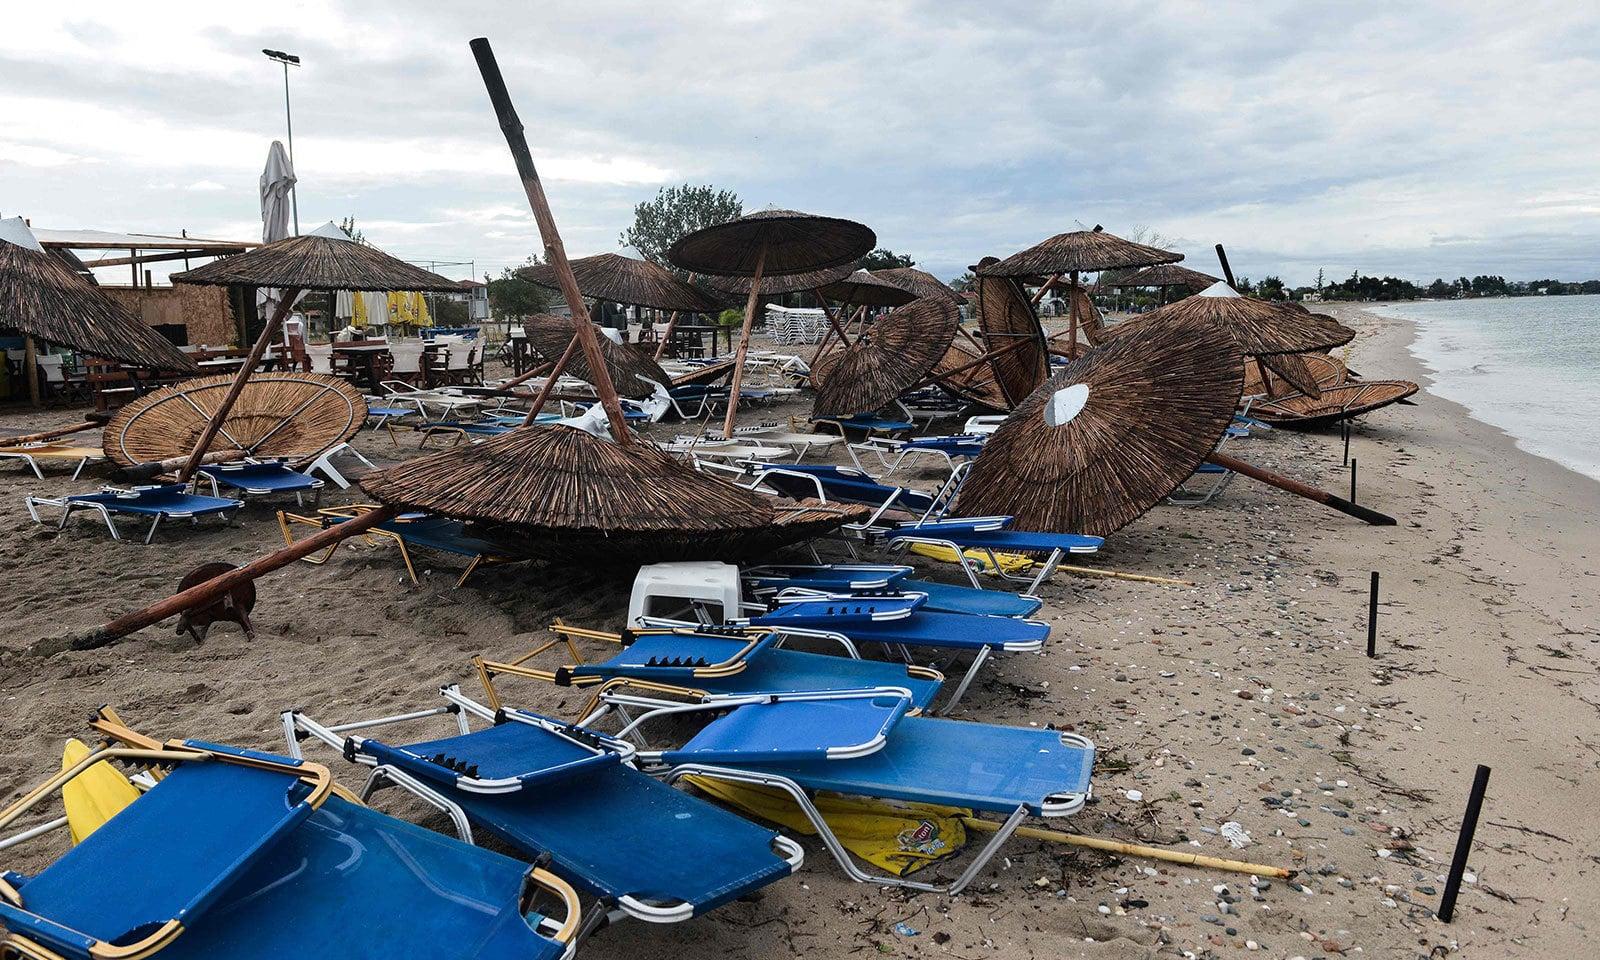 یونان میں طوفان کا  شکار ہونے والا علاقہ سیاحوں میں بہت مقبول ہے — فوٹو: اے ایف پی